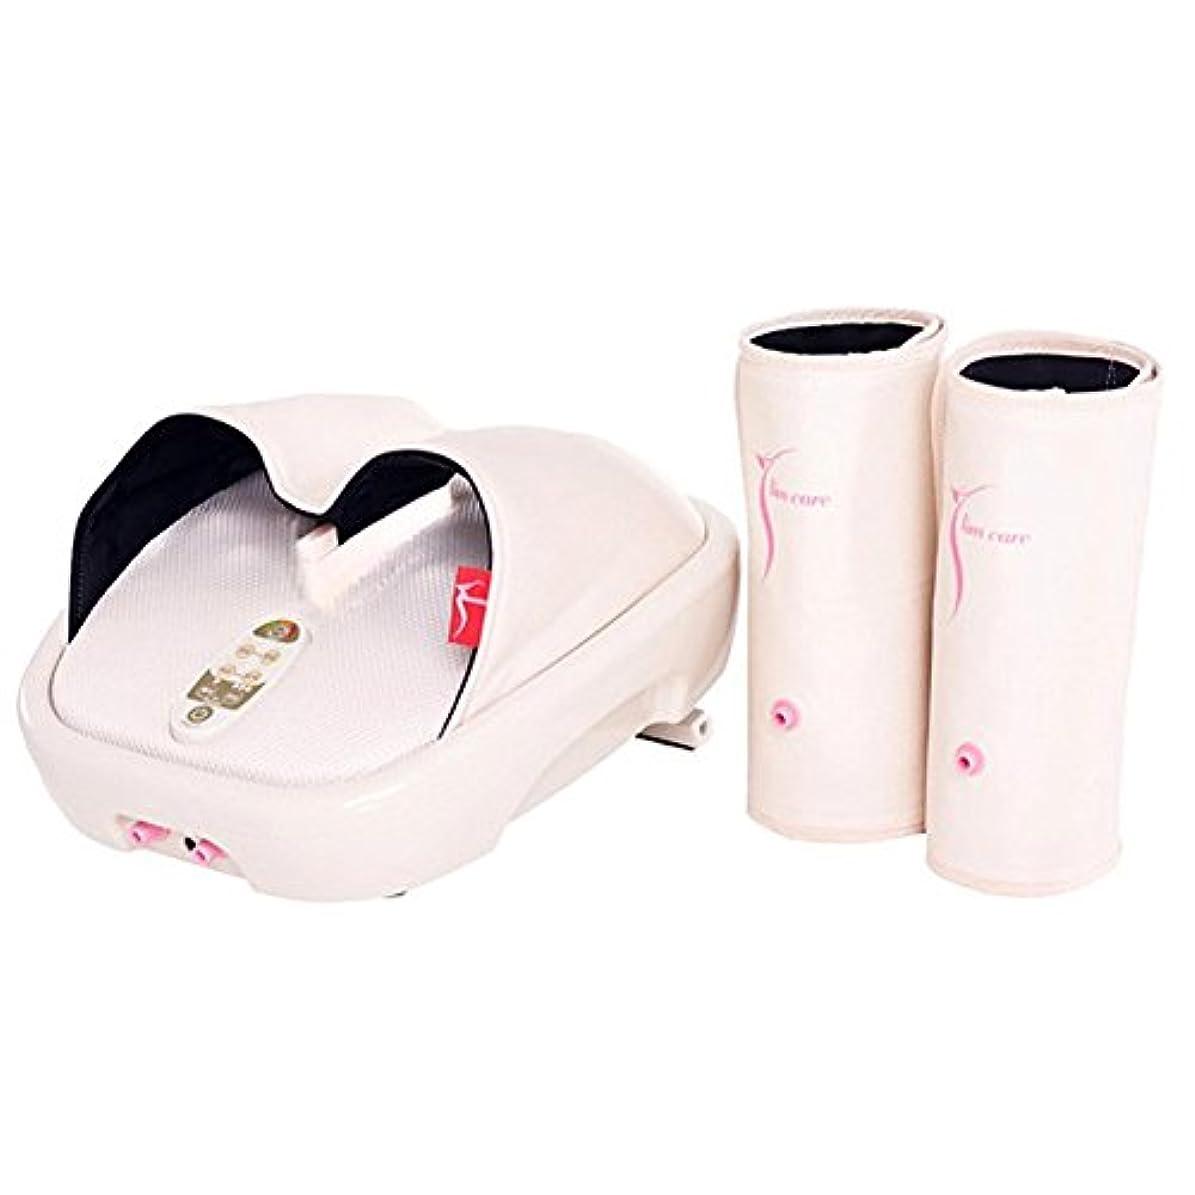 炭素中で提供するHanil 532 Y-Liner HIL-9000F Air Compression Heating Foot Massager with Calf Cuff ハニール532 YライナーHILL-9000Fエアコンプレッションヒートフットマッサージャー...